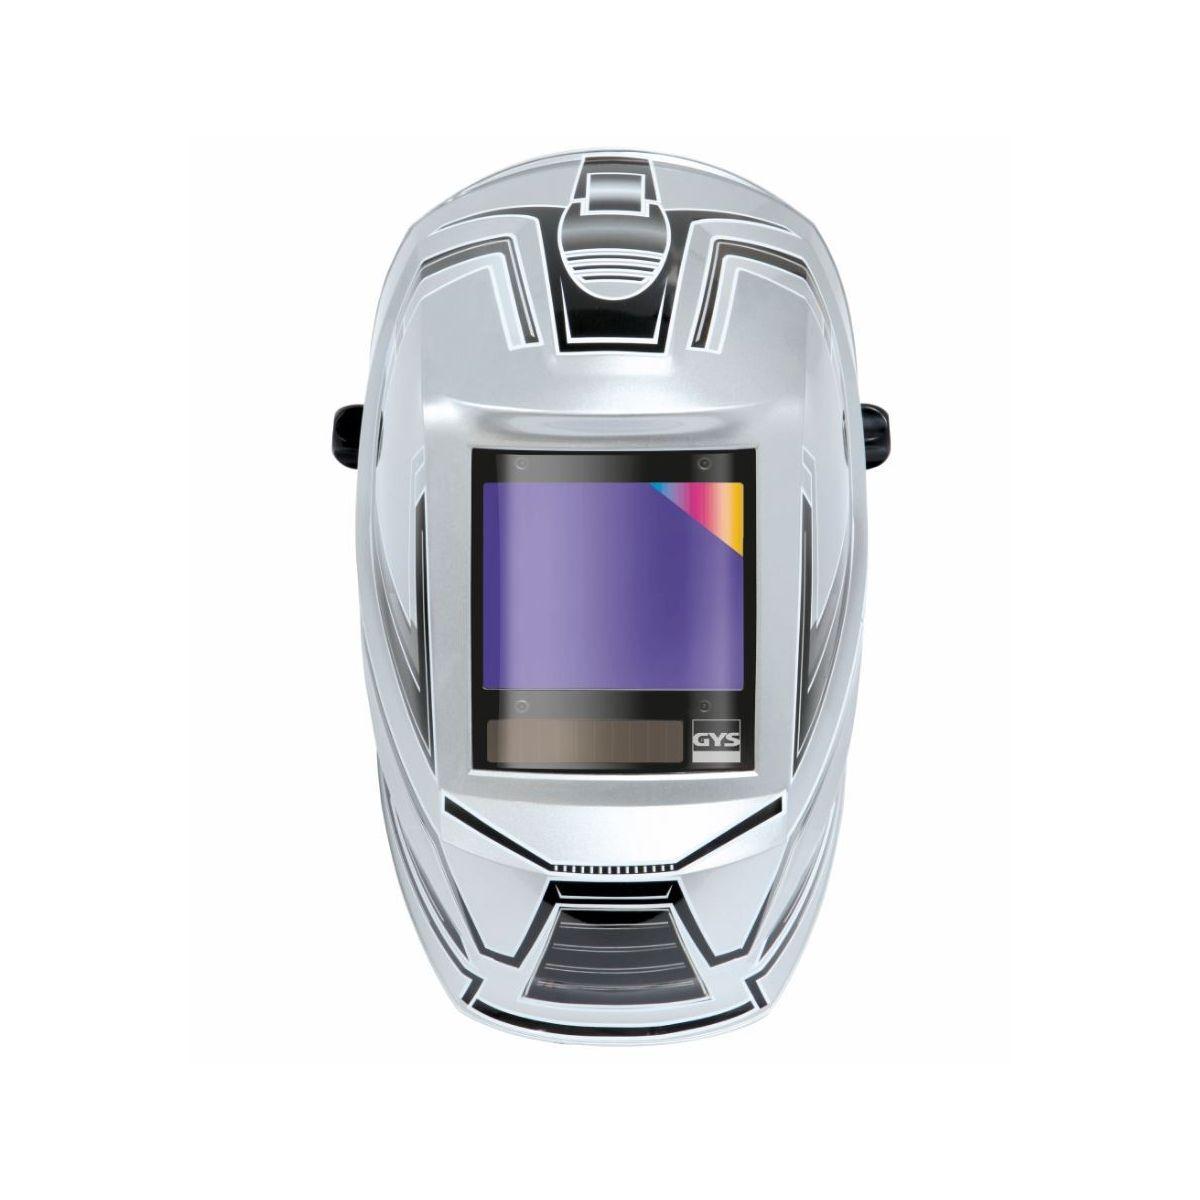 TEKWARE Ultra Grand /écran de visualisation Vraie Couleur Casque de soudage /à assombrissement Automatique /à /énergie Solaire 4 capteurs darc Large Ombre 4//9-13 Masque de soudage de meulage /à larc